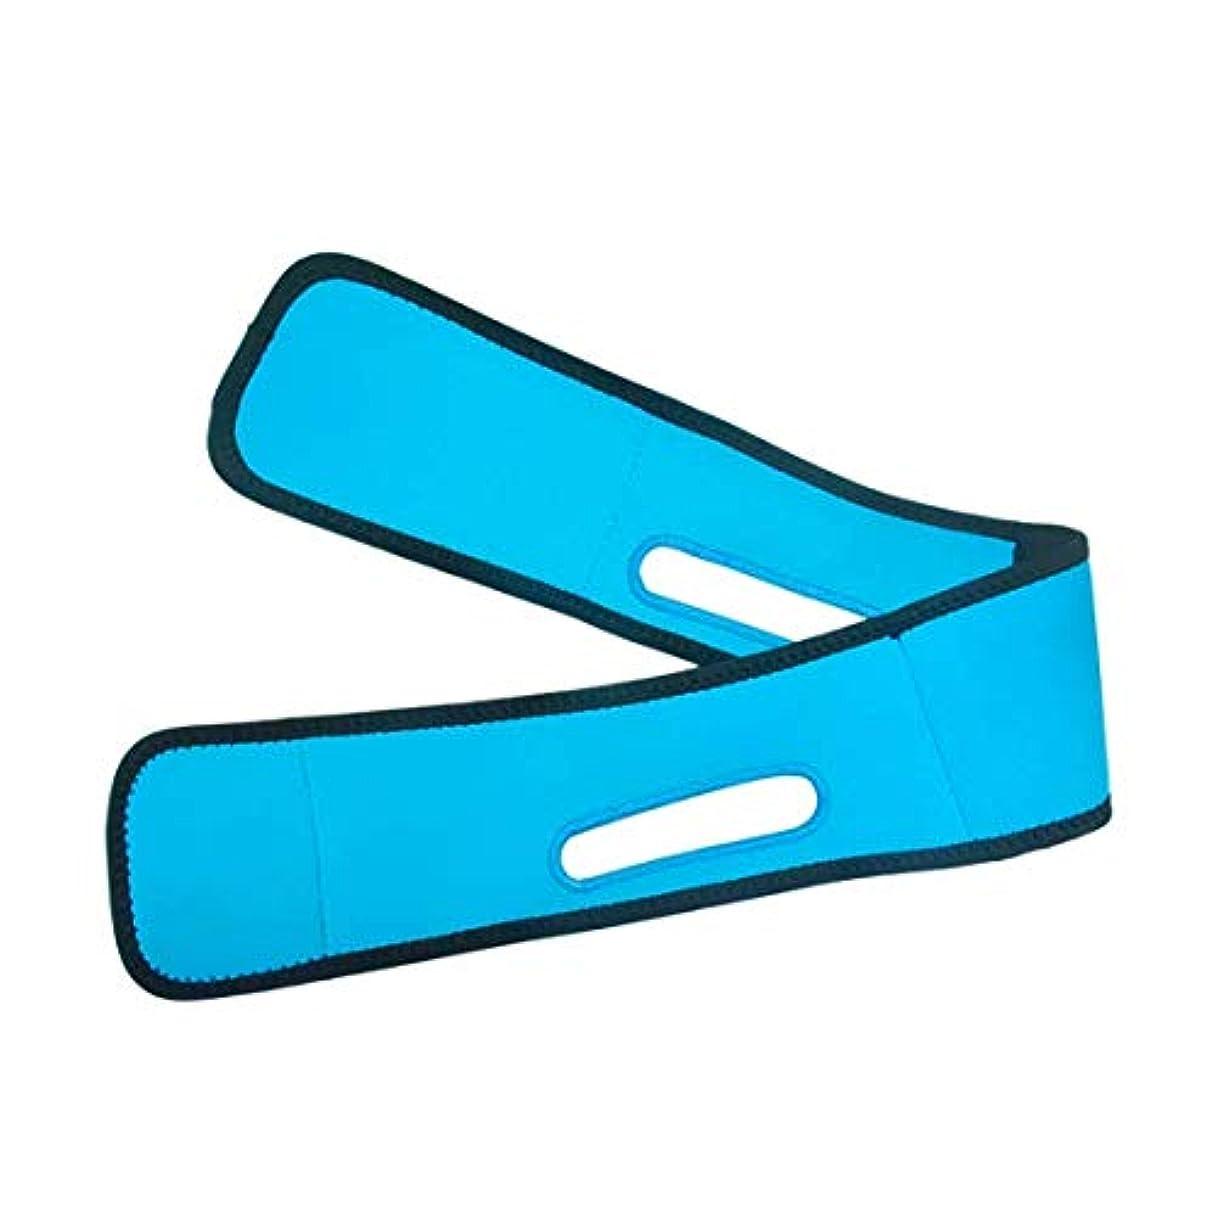 敬禁止シェルタースリミングベルト、フェイスマスクVフェイスアーティファクトマッサージマスクで顎の筋肉の収縮を強化し、Vフェイスリフトのタイトな包帯を簡単に形成